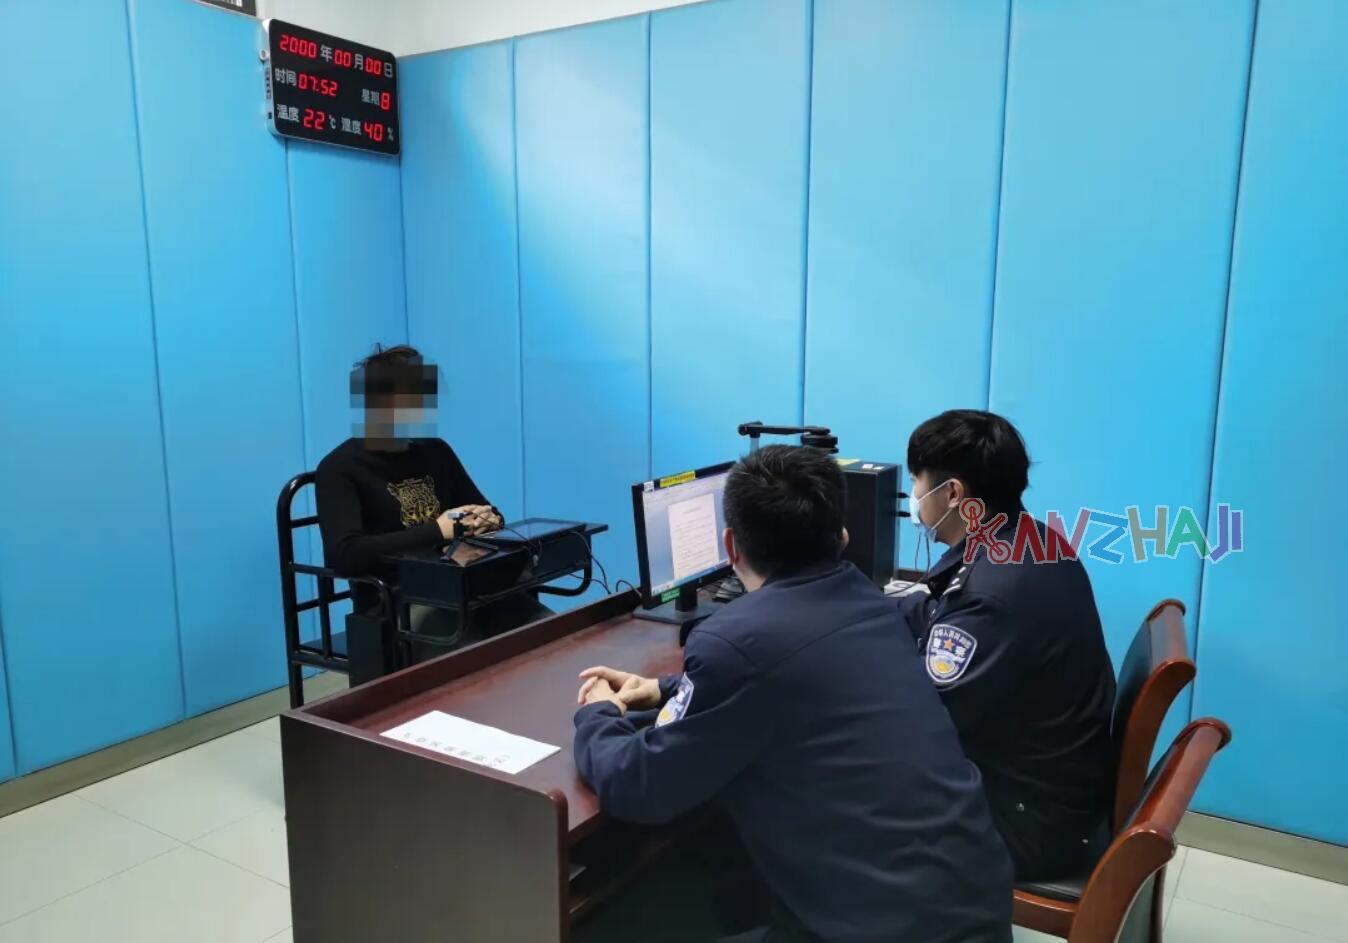 上海首例!违规施放无人机被拘留